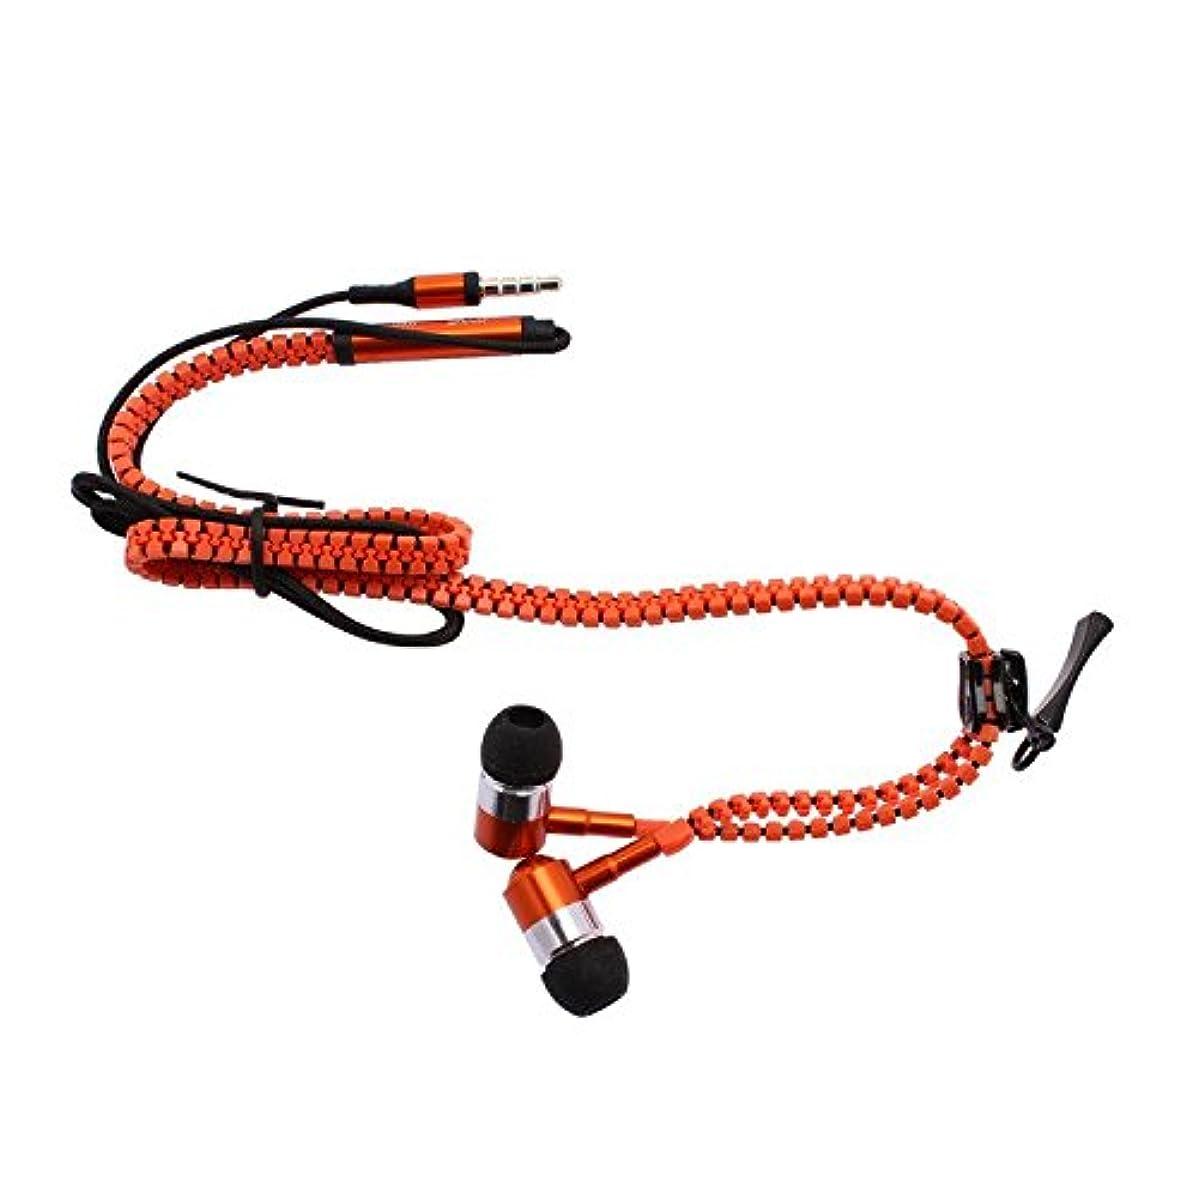 プロペラ閉塞バックアップYideaHomeネックレスヘッドセット 高品質ステレオ ベース ヘッドセットで耳ファッショナブルな調節可能な金属ジッパー イヤホン マイクとヘッドフォンの ジャック イヤフォン サムスンの MP3、互換性のあるほとんどの携帯電話